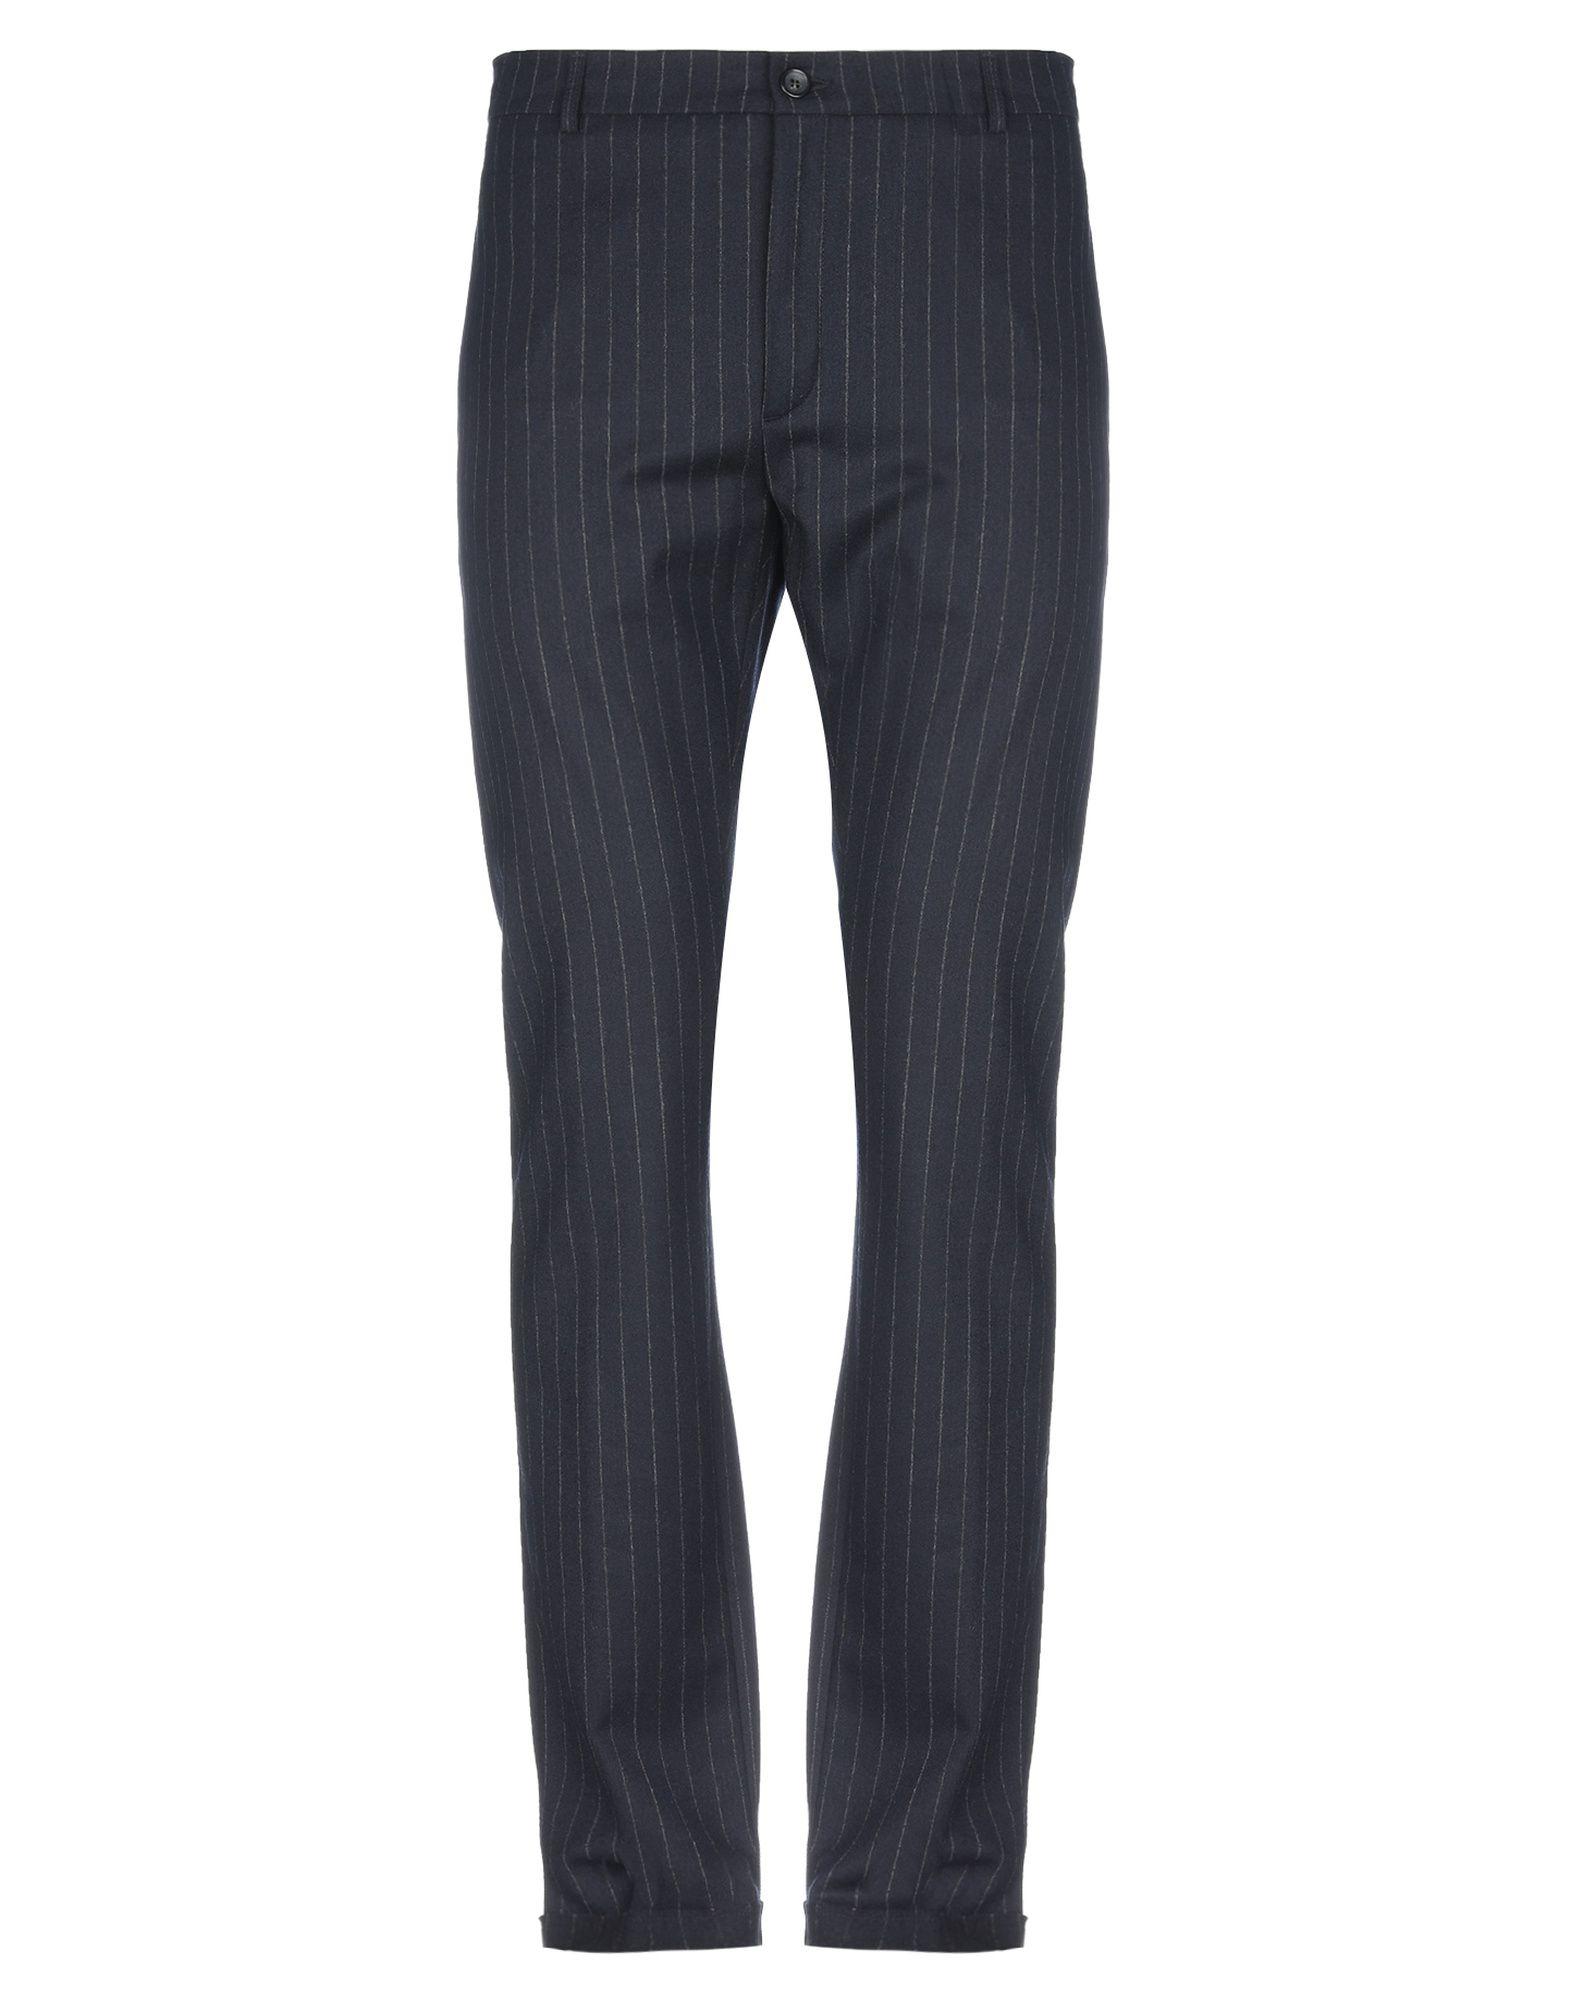 Pantalone Department 5 herren - 13330588FI